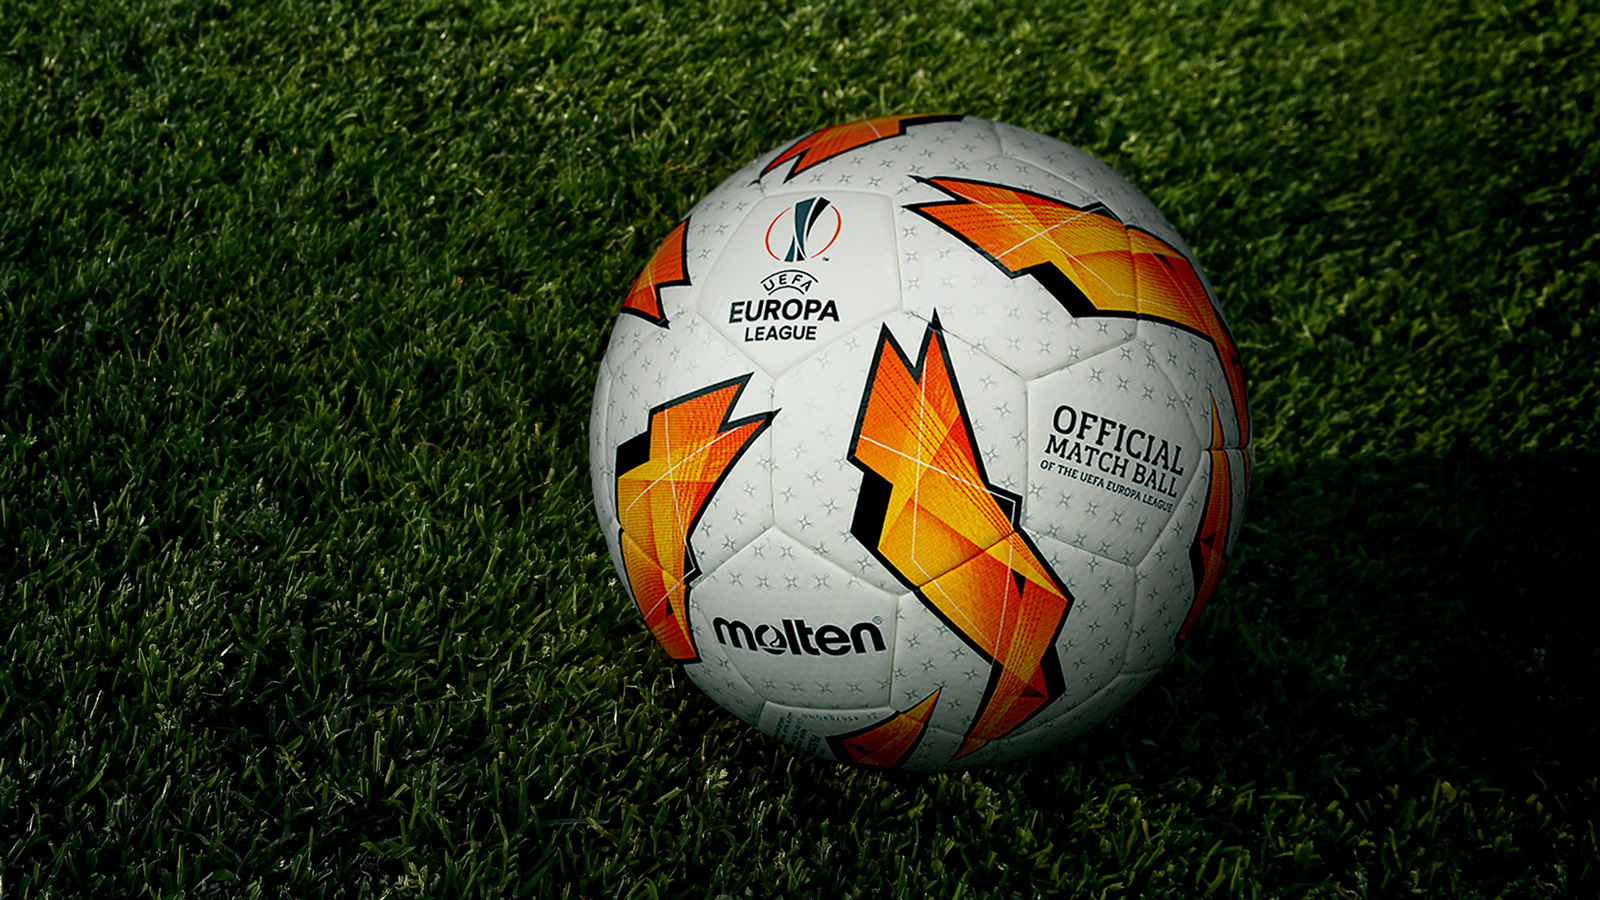 New Edgier Uefa Europa League Branding Revealed Footy Headlines